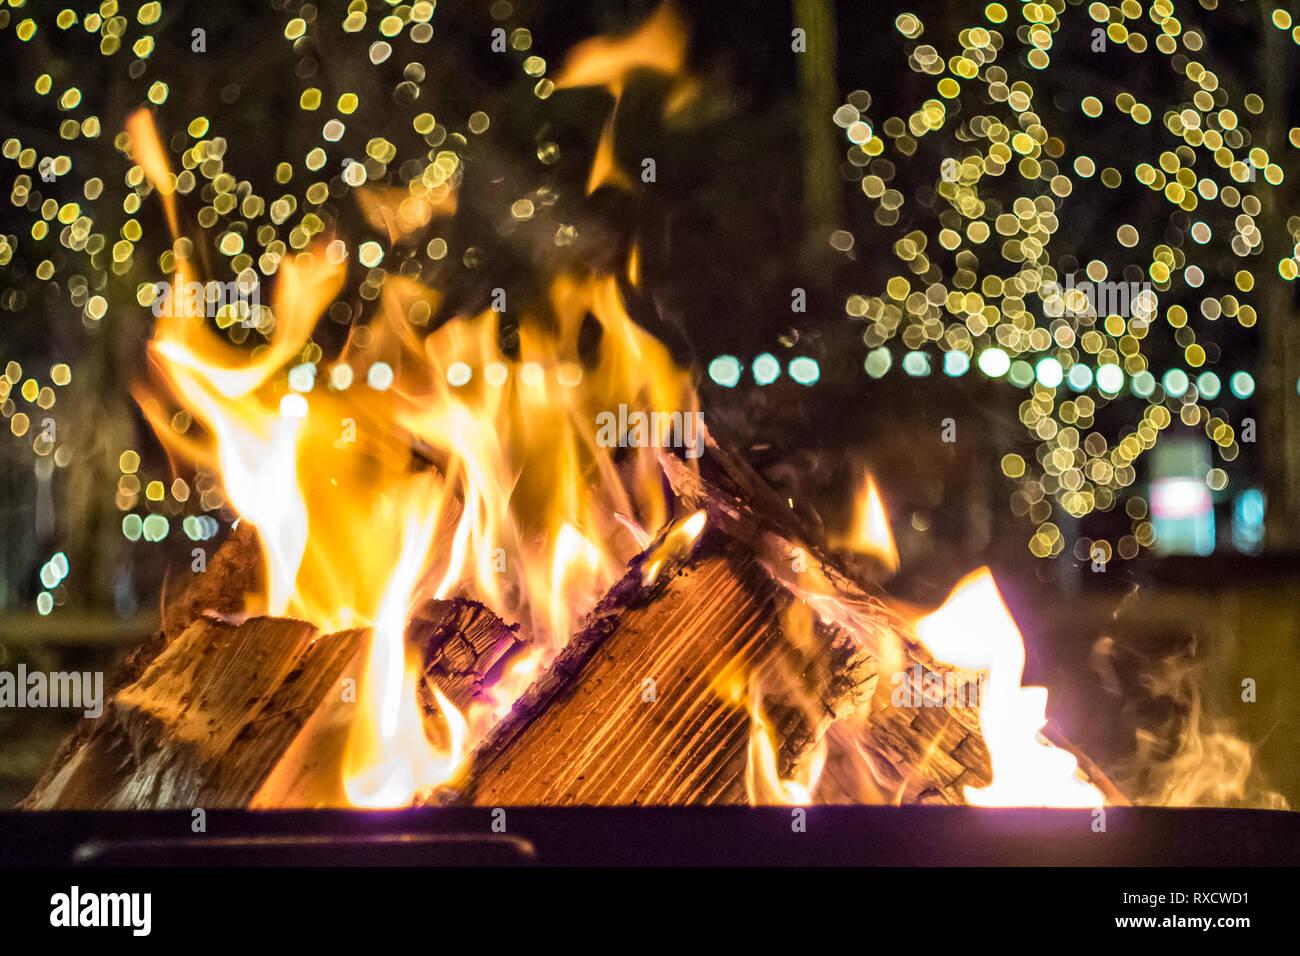 Impressionen vom Weihnachtsmarkt in Pfaffenhofen - brennendes Holz, Feuerstelle zum Aufwärmen Immagini Stock